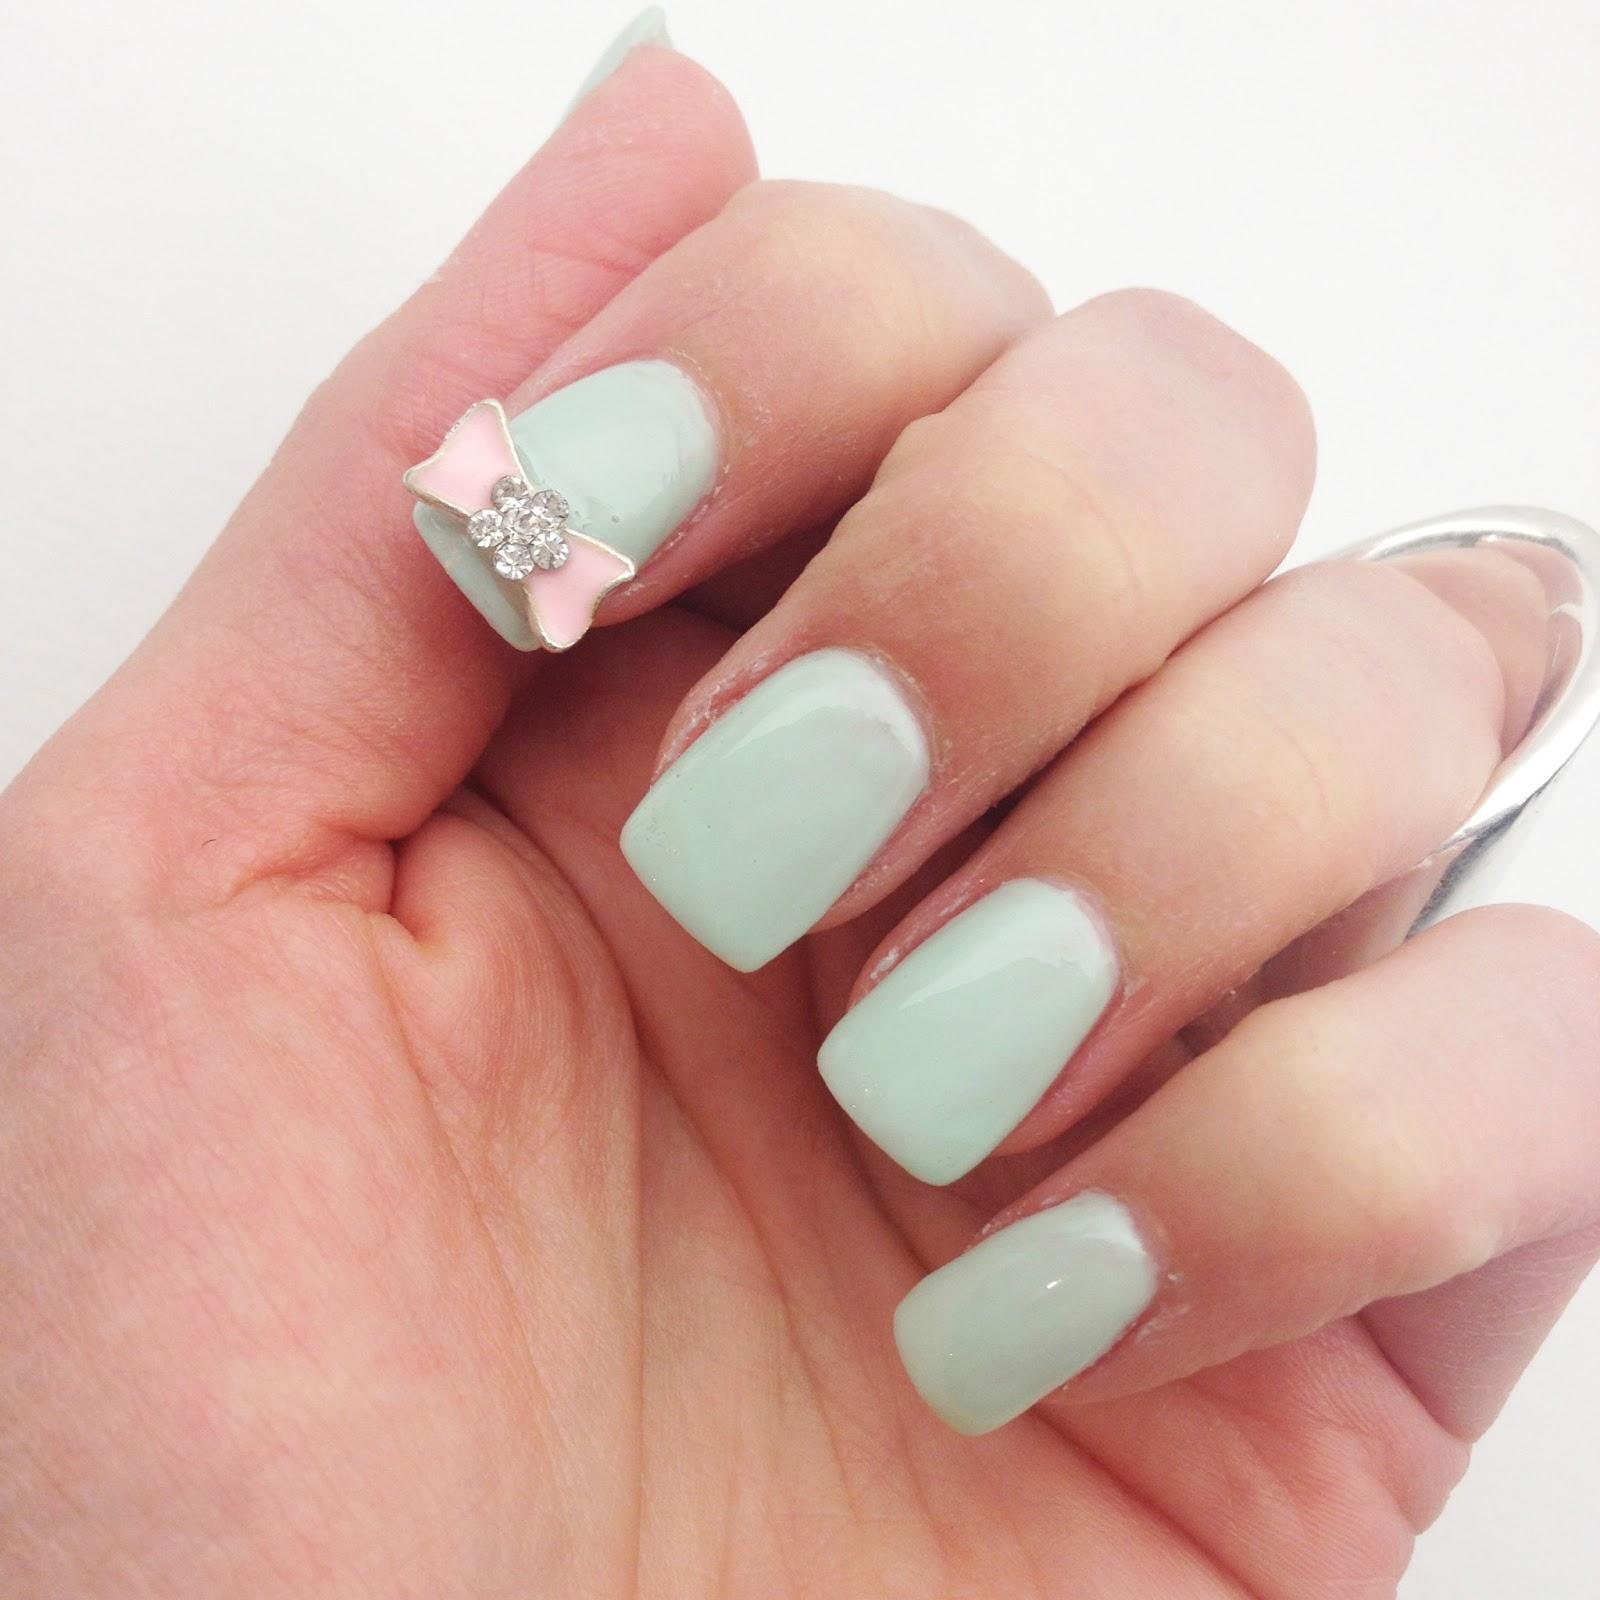 kandeej.com: Cute Bow Nails ...like an ice cream parlor!